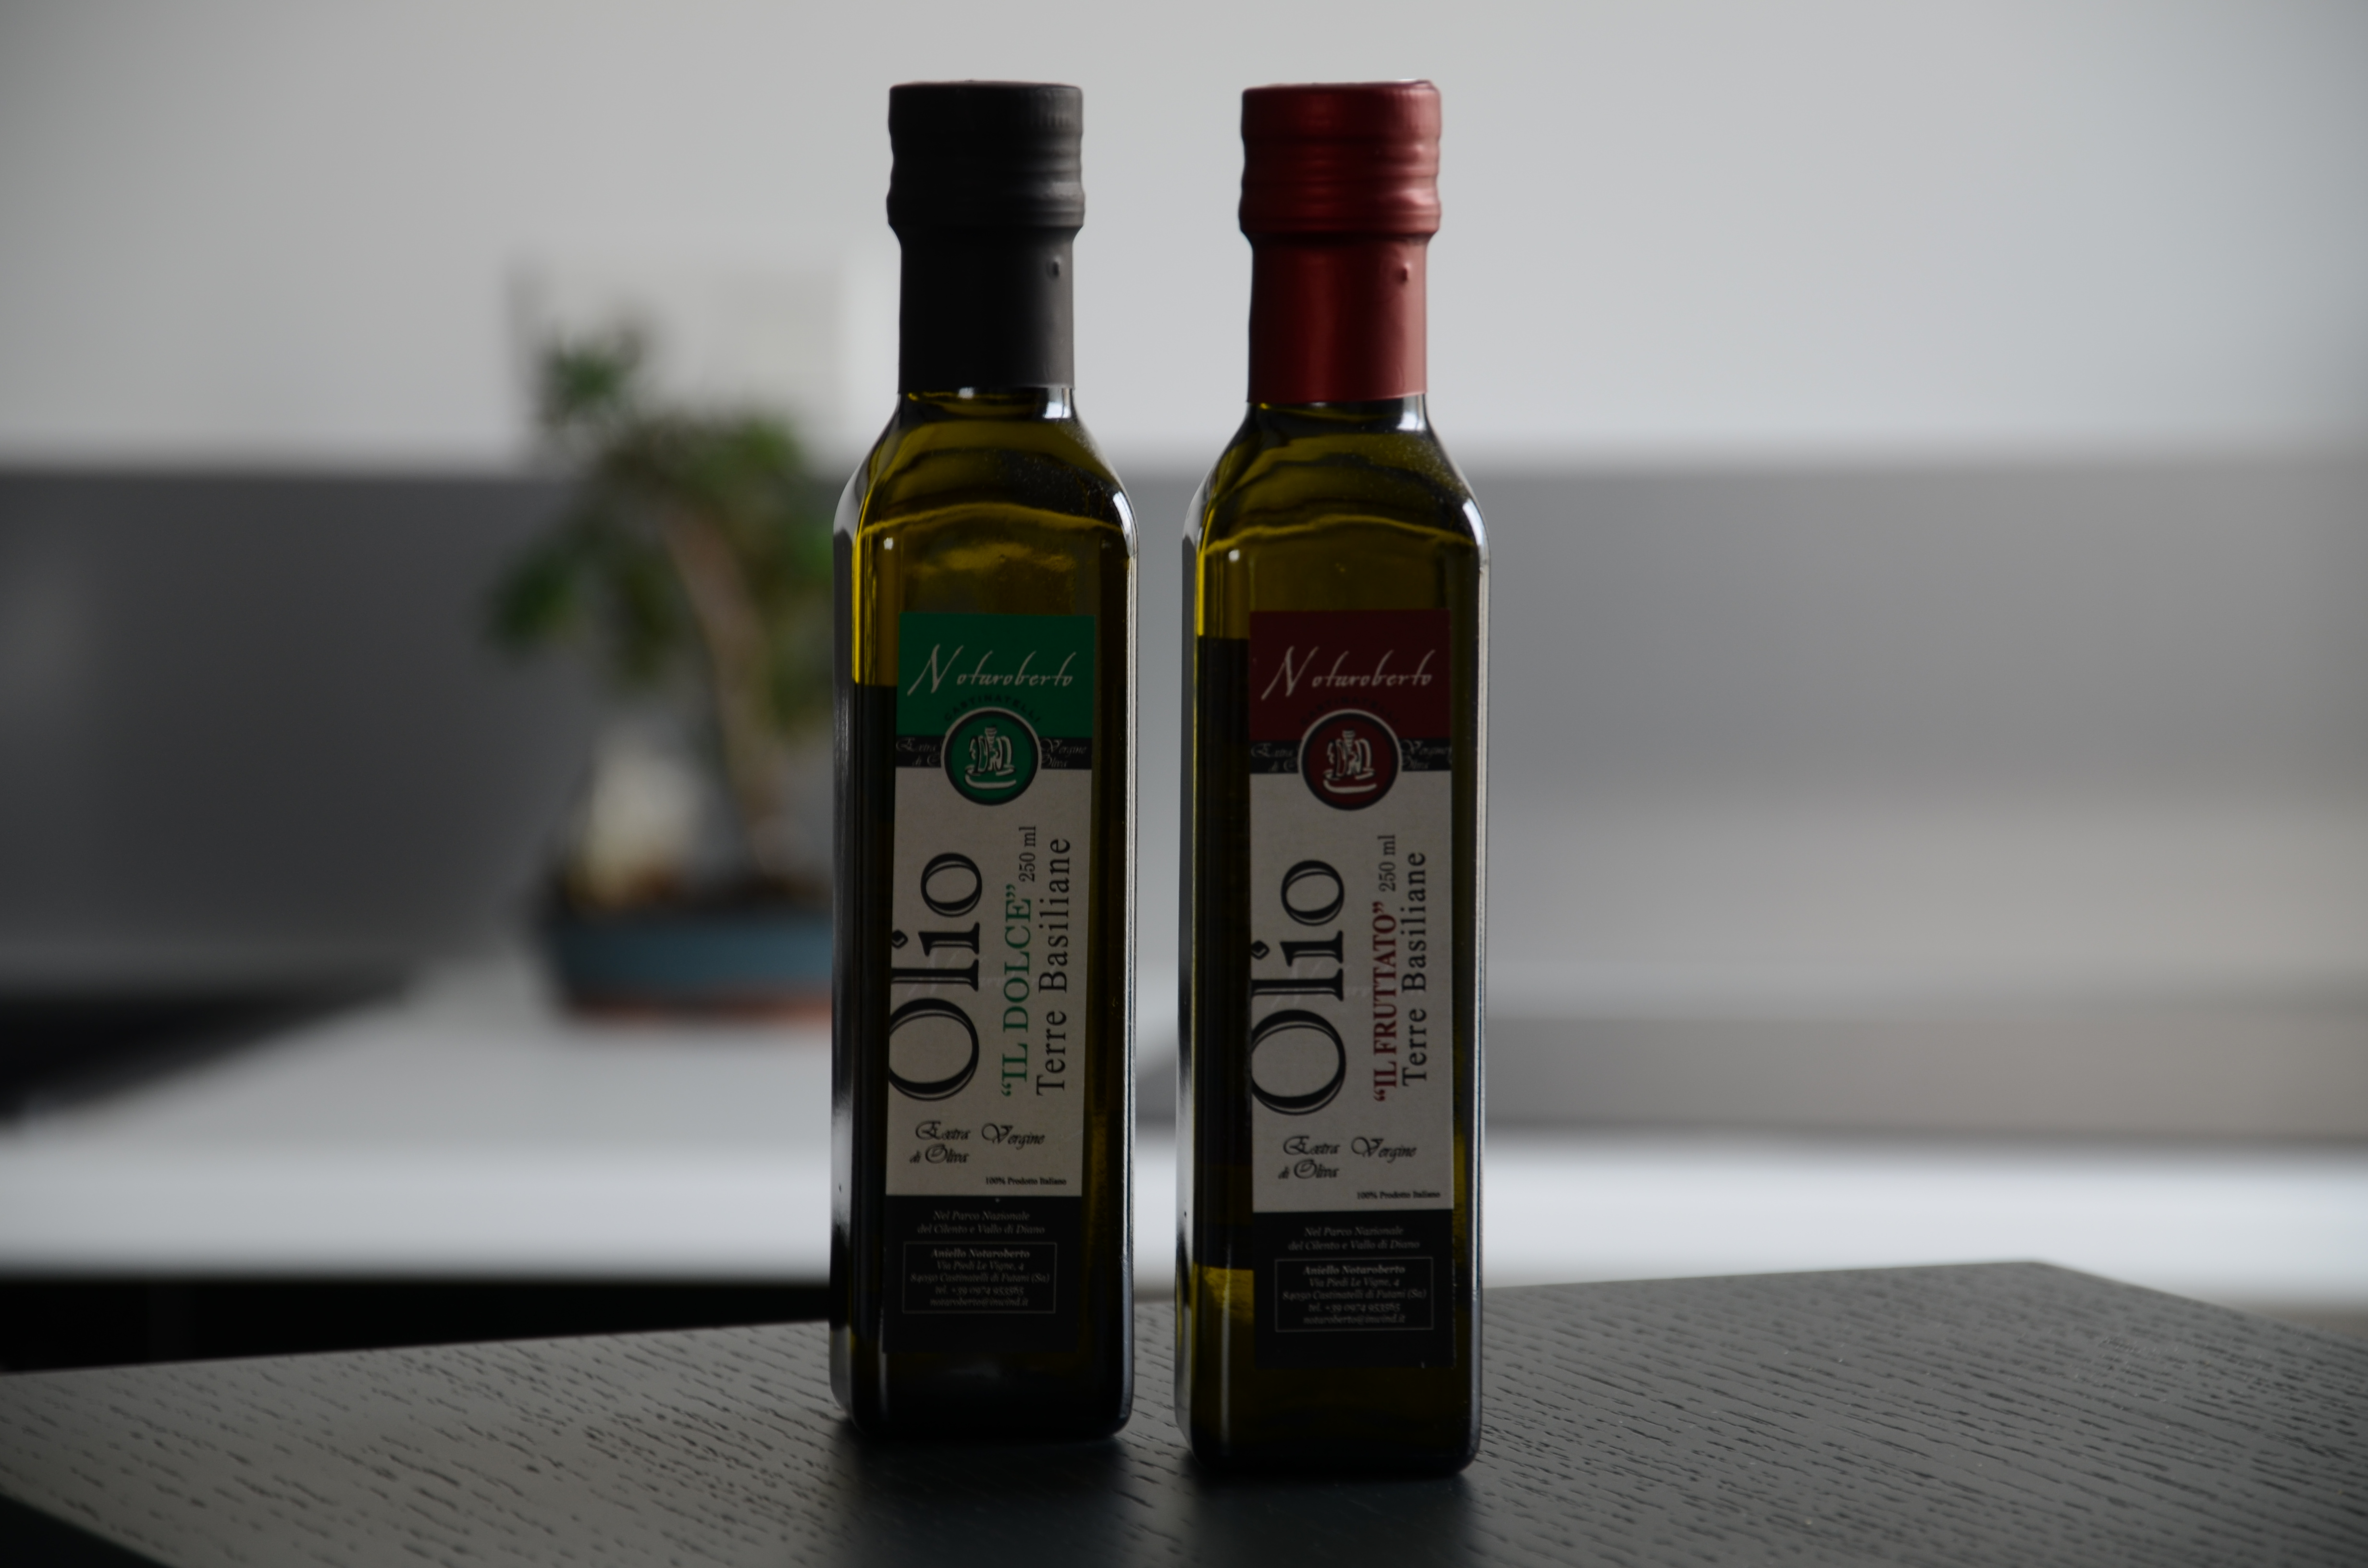 Dolce / Fruttata 0.25L